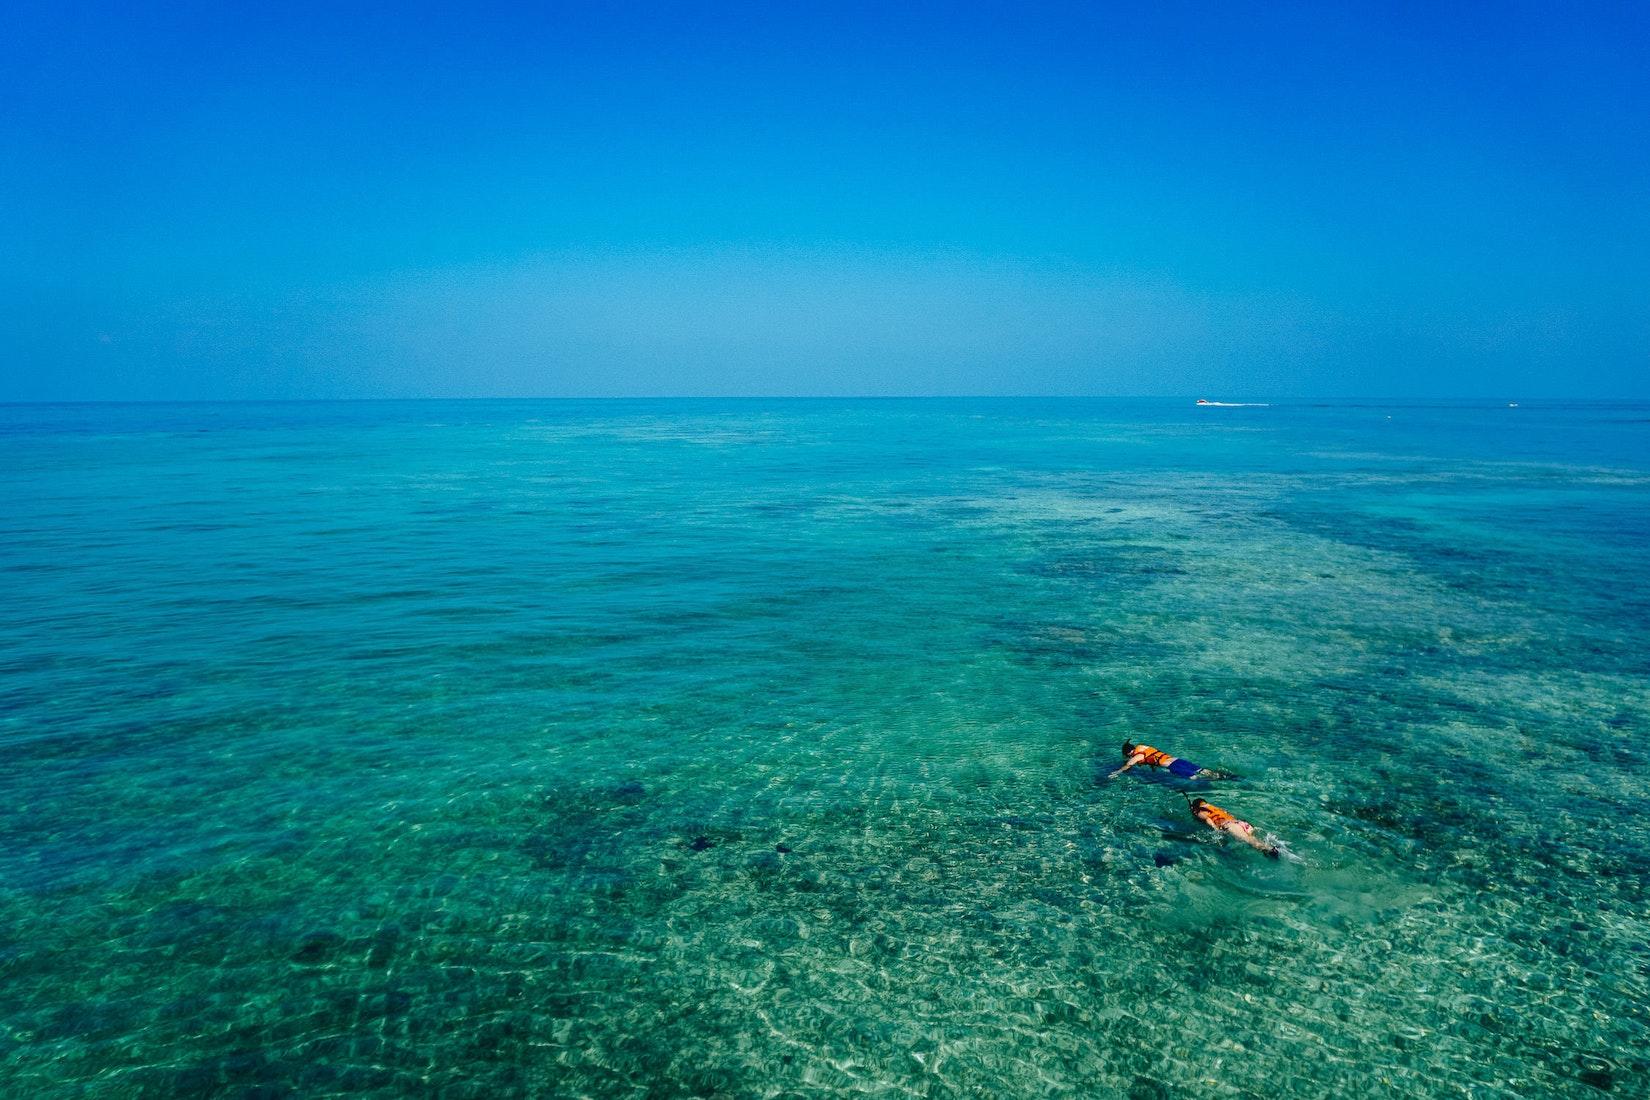 Looking off an ocean of Cartagena